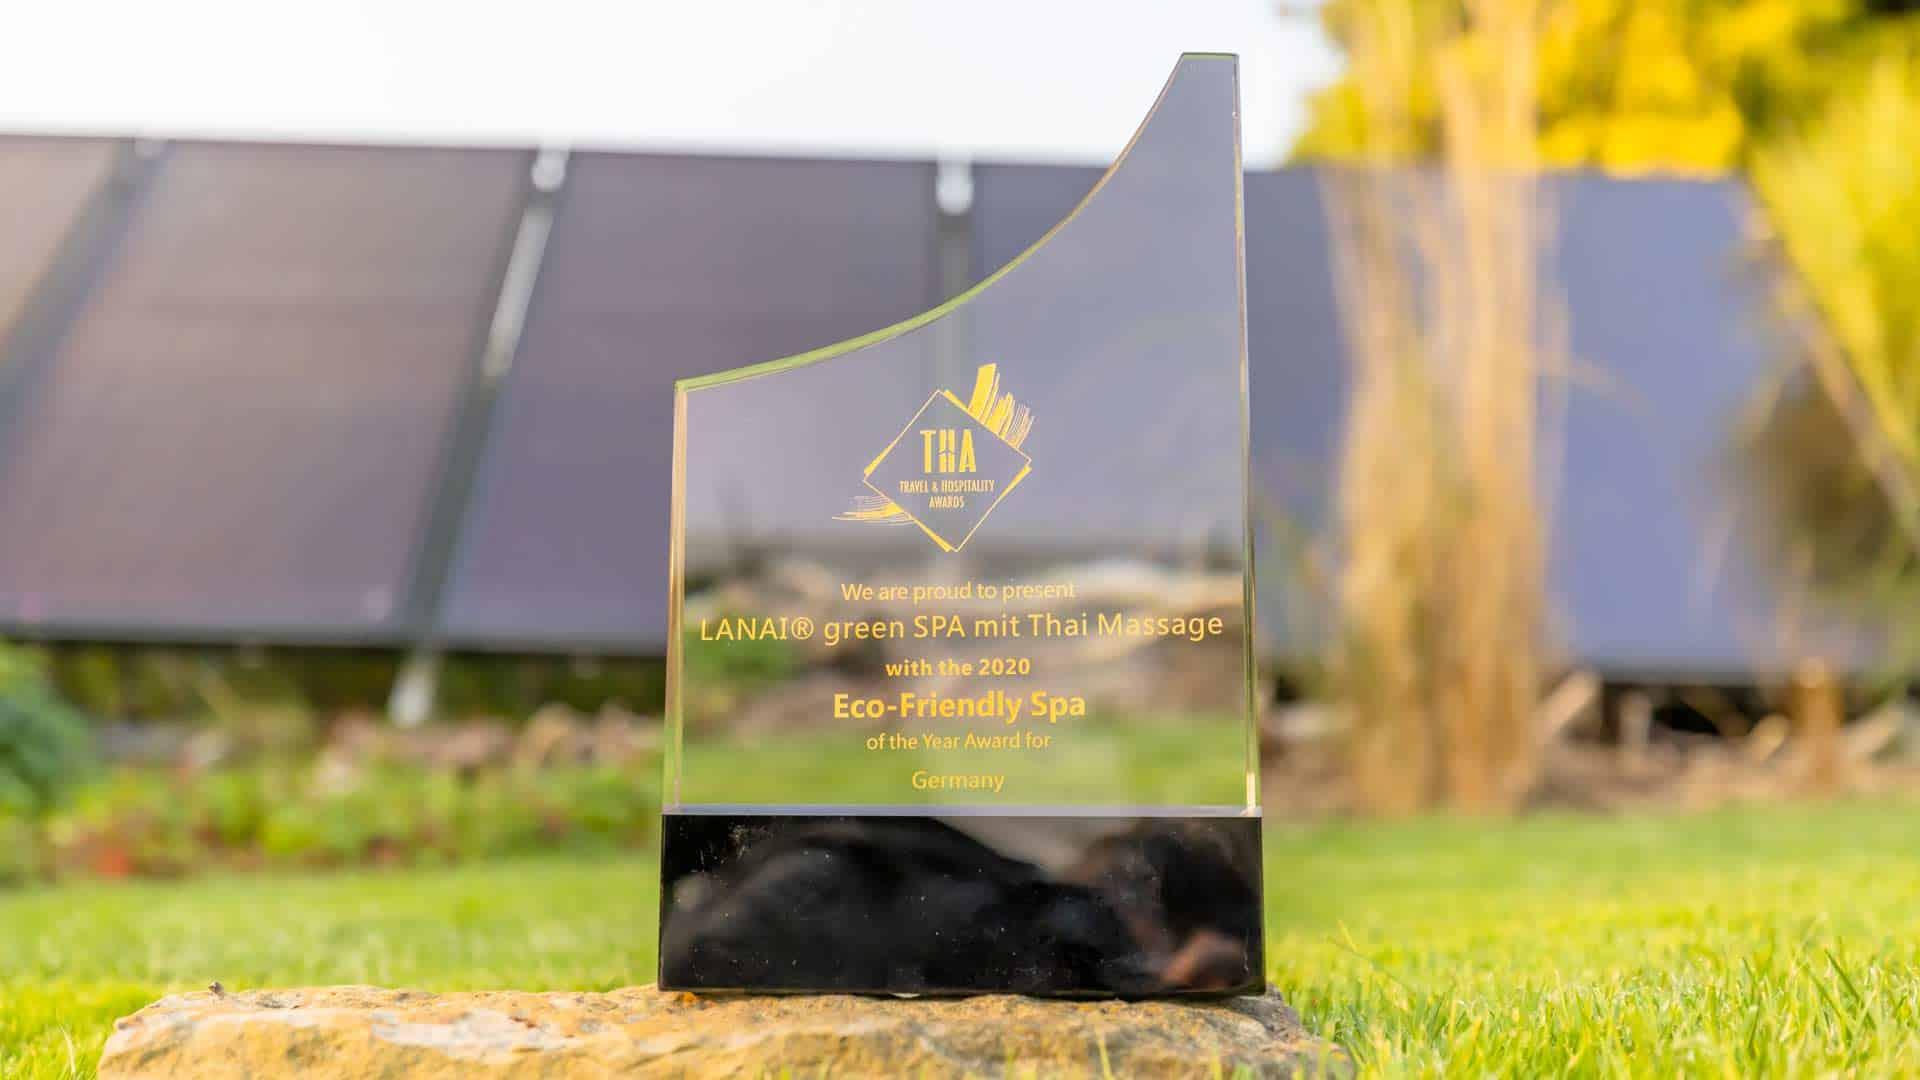 """Glas Award von Travel & Hospitality Awards Kategorie """"green SPA"""" im Garten auf Gras"""